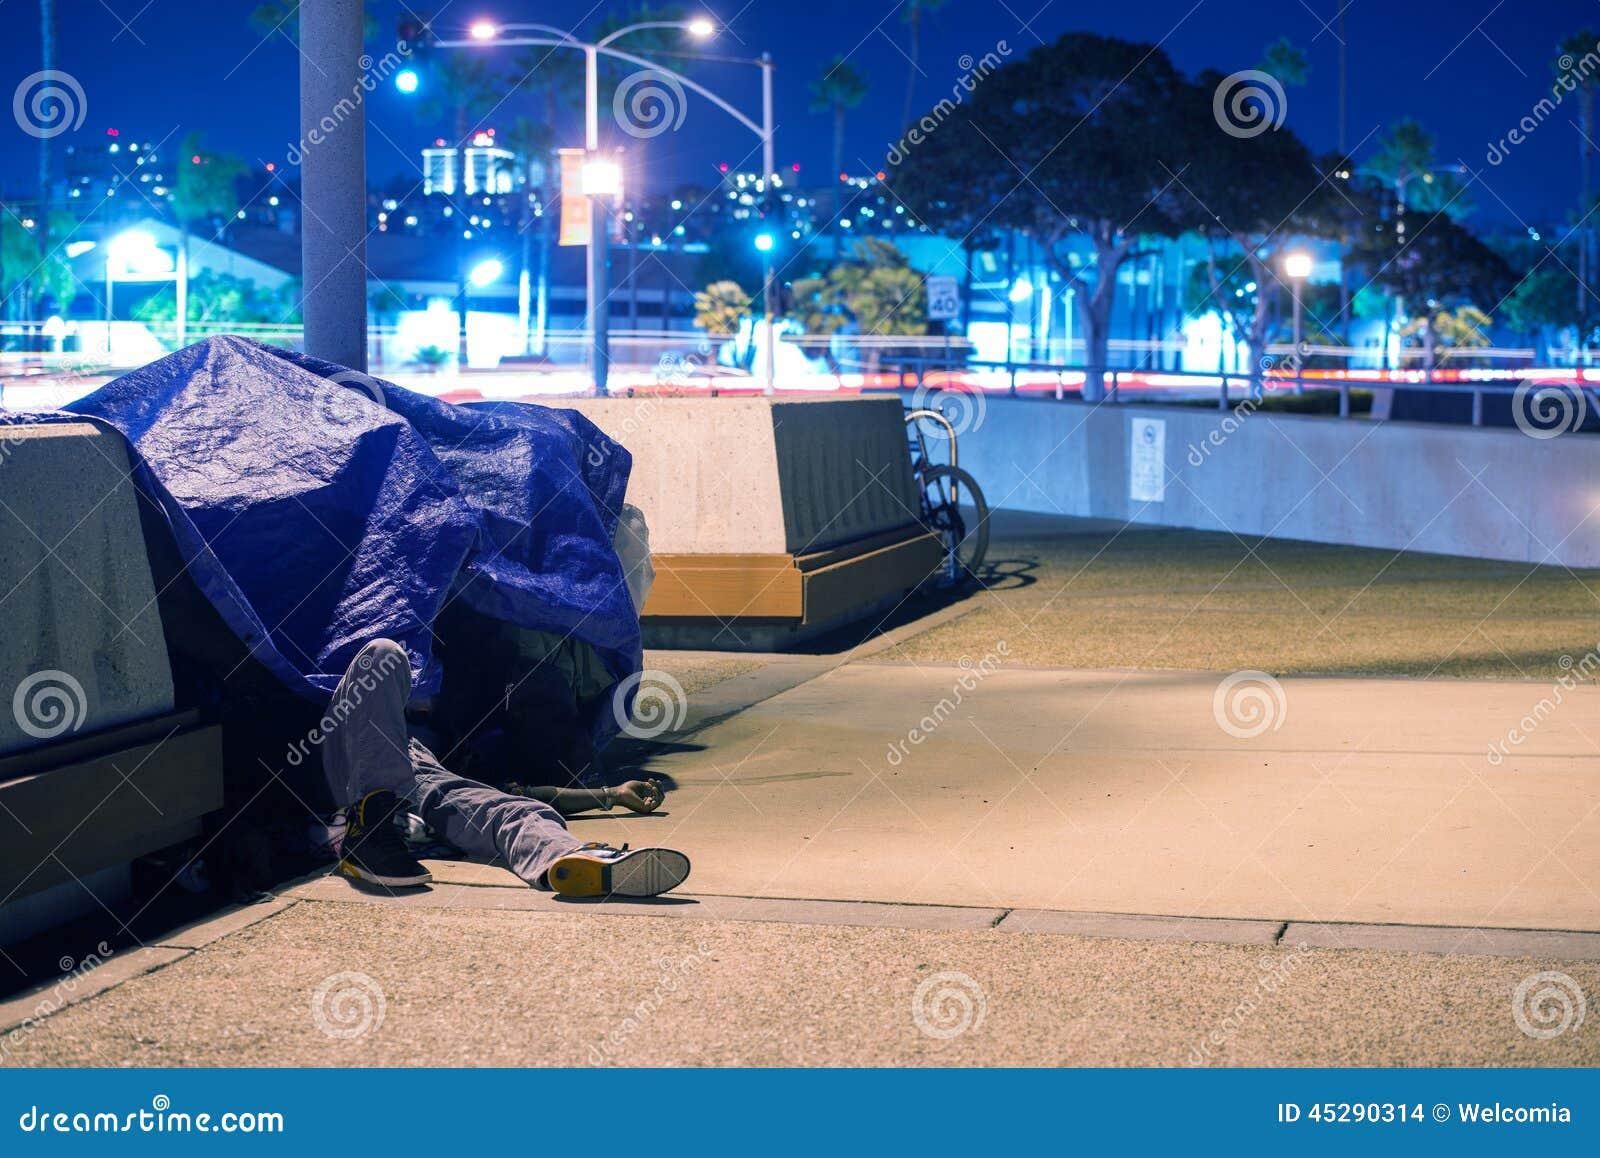 Sleeping Homeless Men